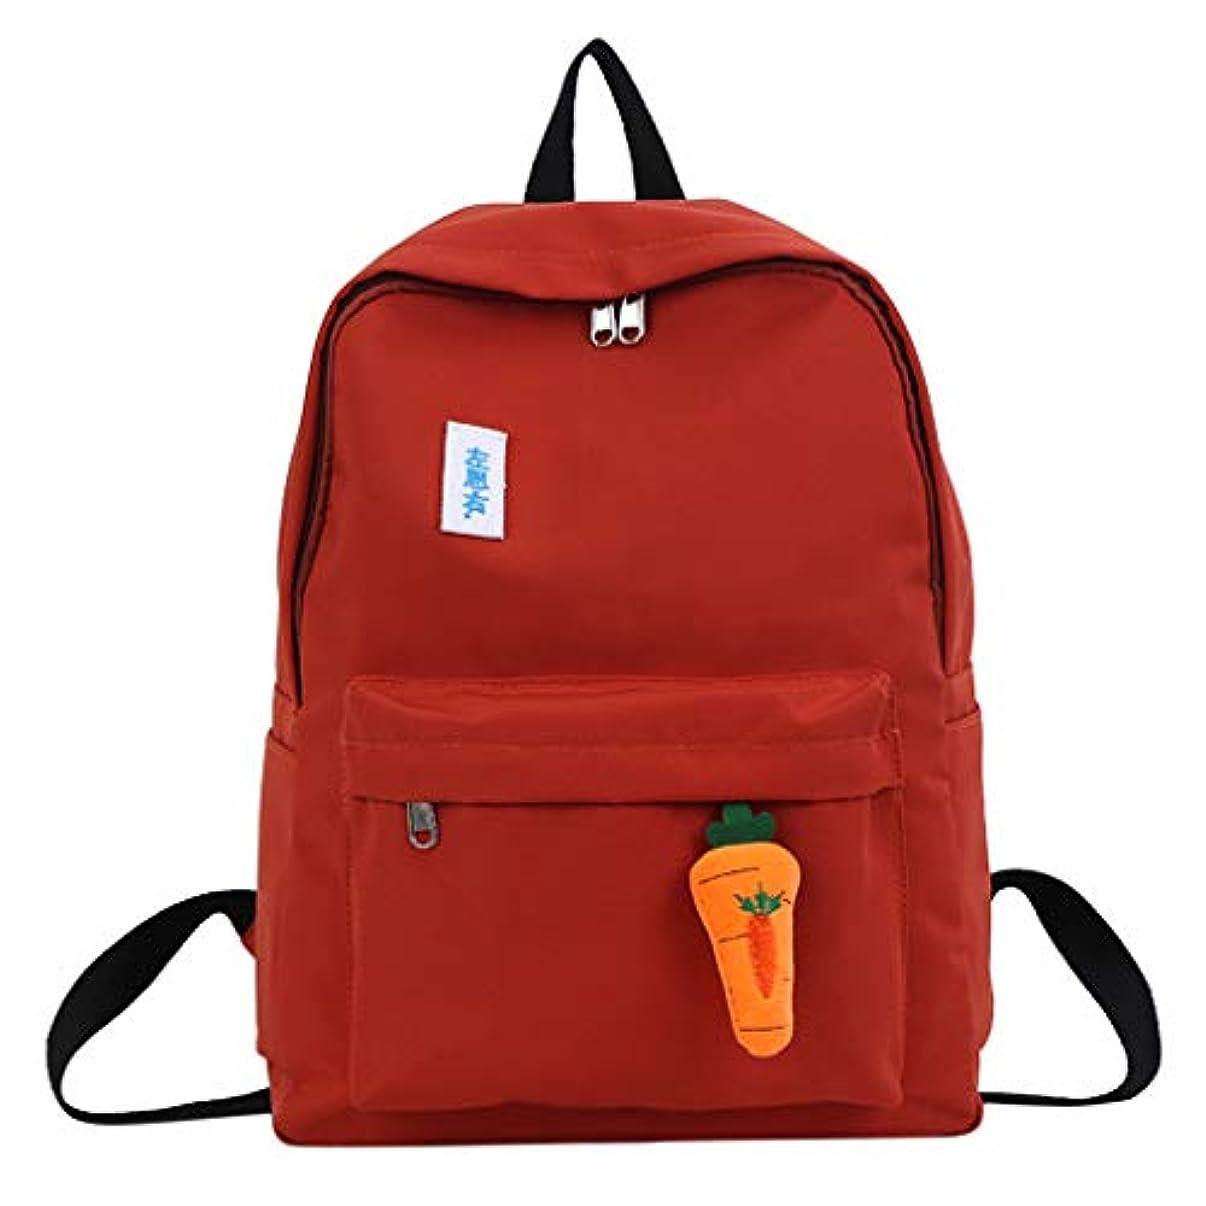 ローンフォアマン急いで女子学生カジュアルファッションシンプルなバックパック軽量キャンバスバックパックガールズ屋外大容量かわいいヴィンテージバッグ